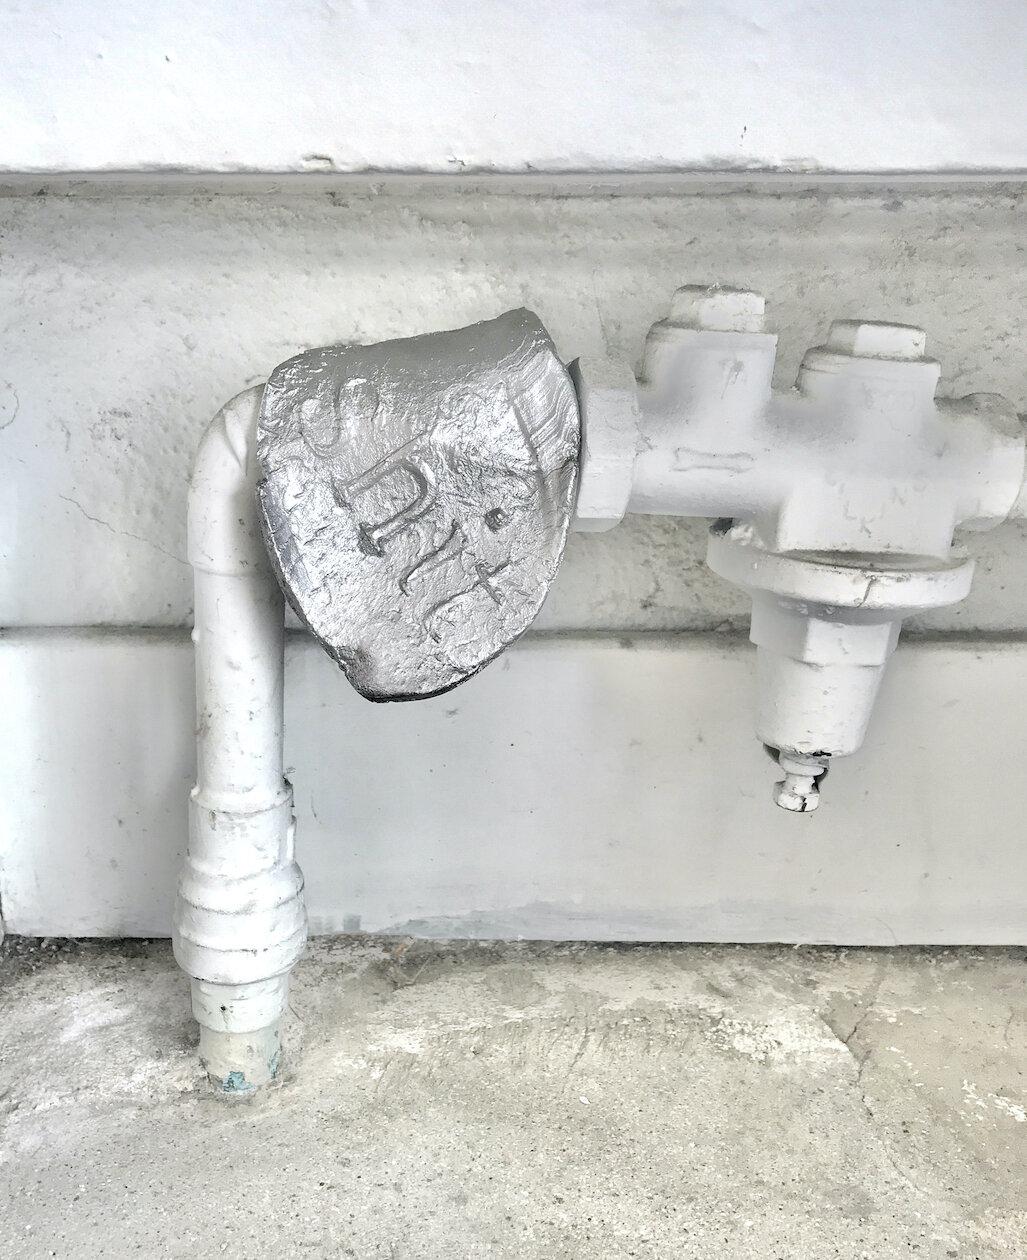 Shit 3,  2019, Cast aluminum, 5 x 4 x 4 inches